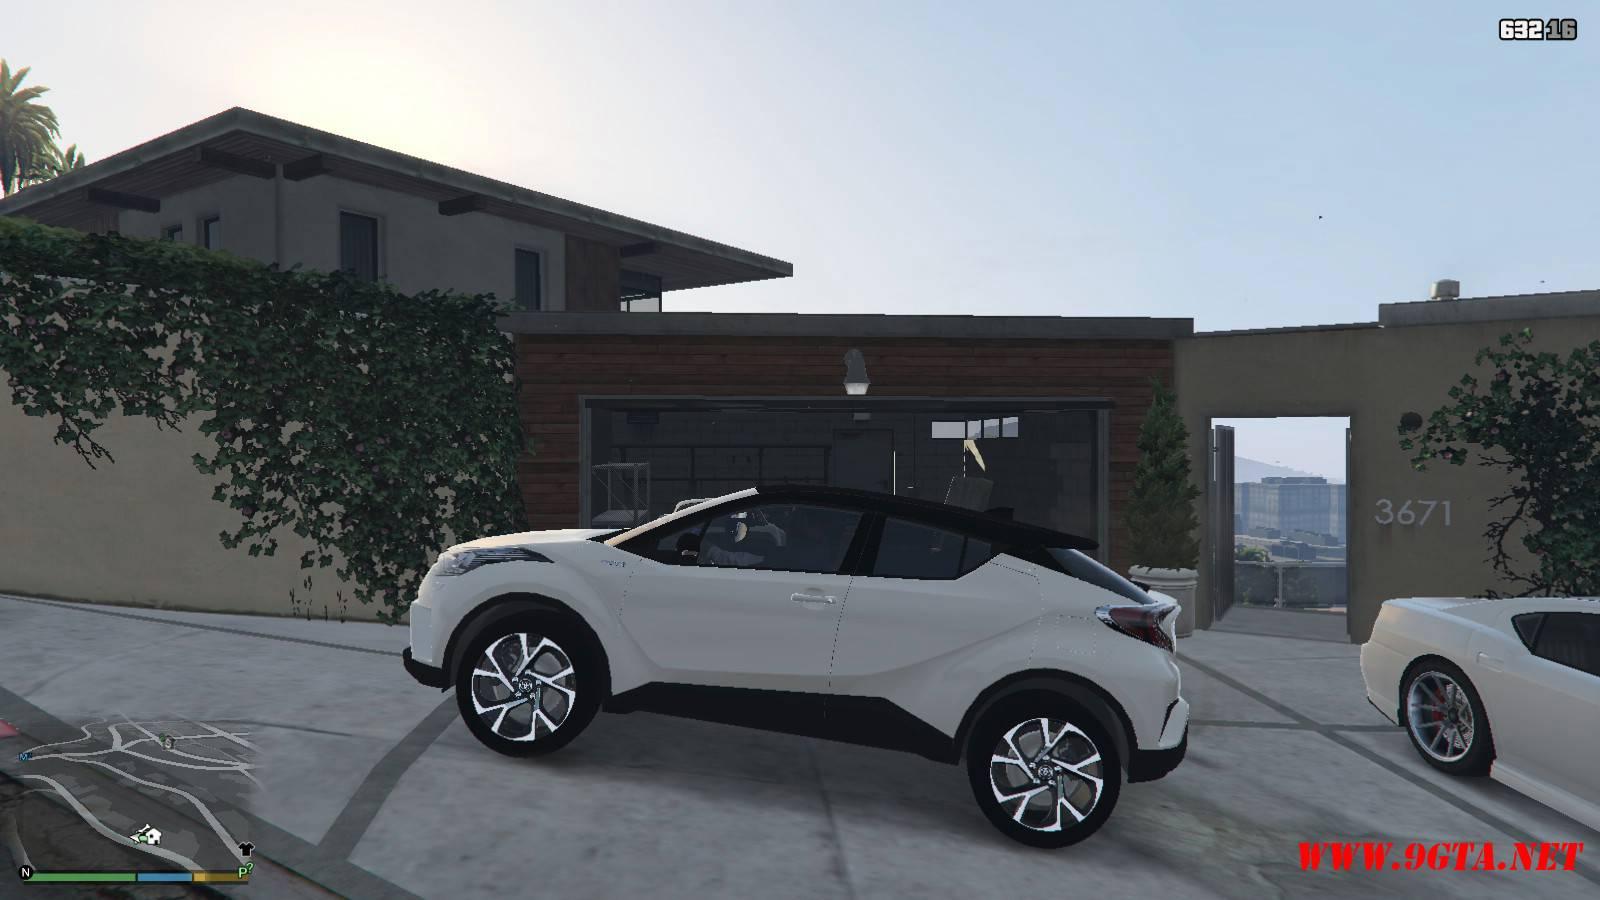 2017 Toyota CH-R Mod For GTA5 (2)